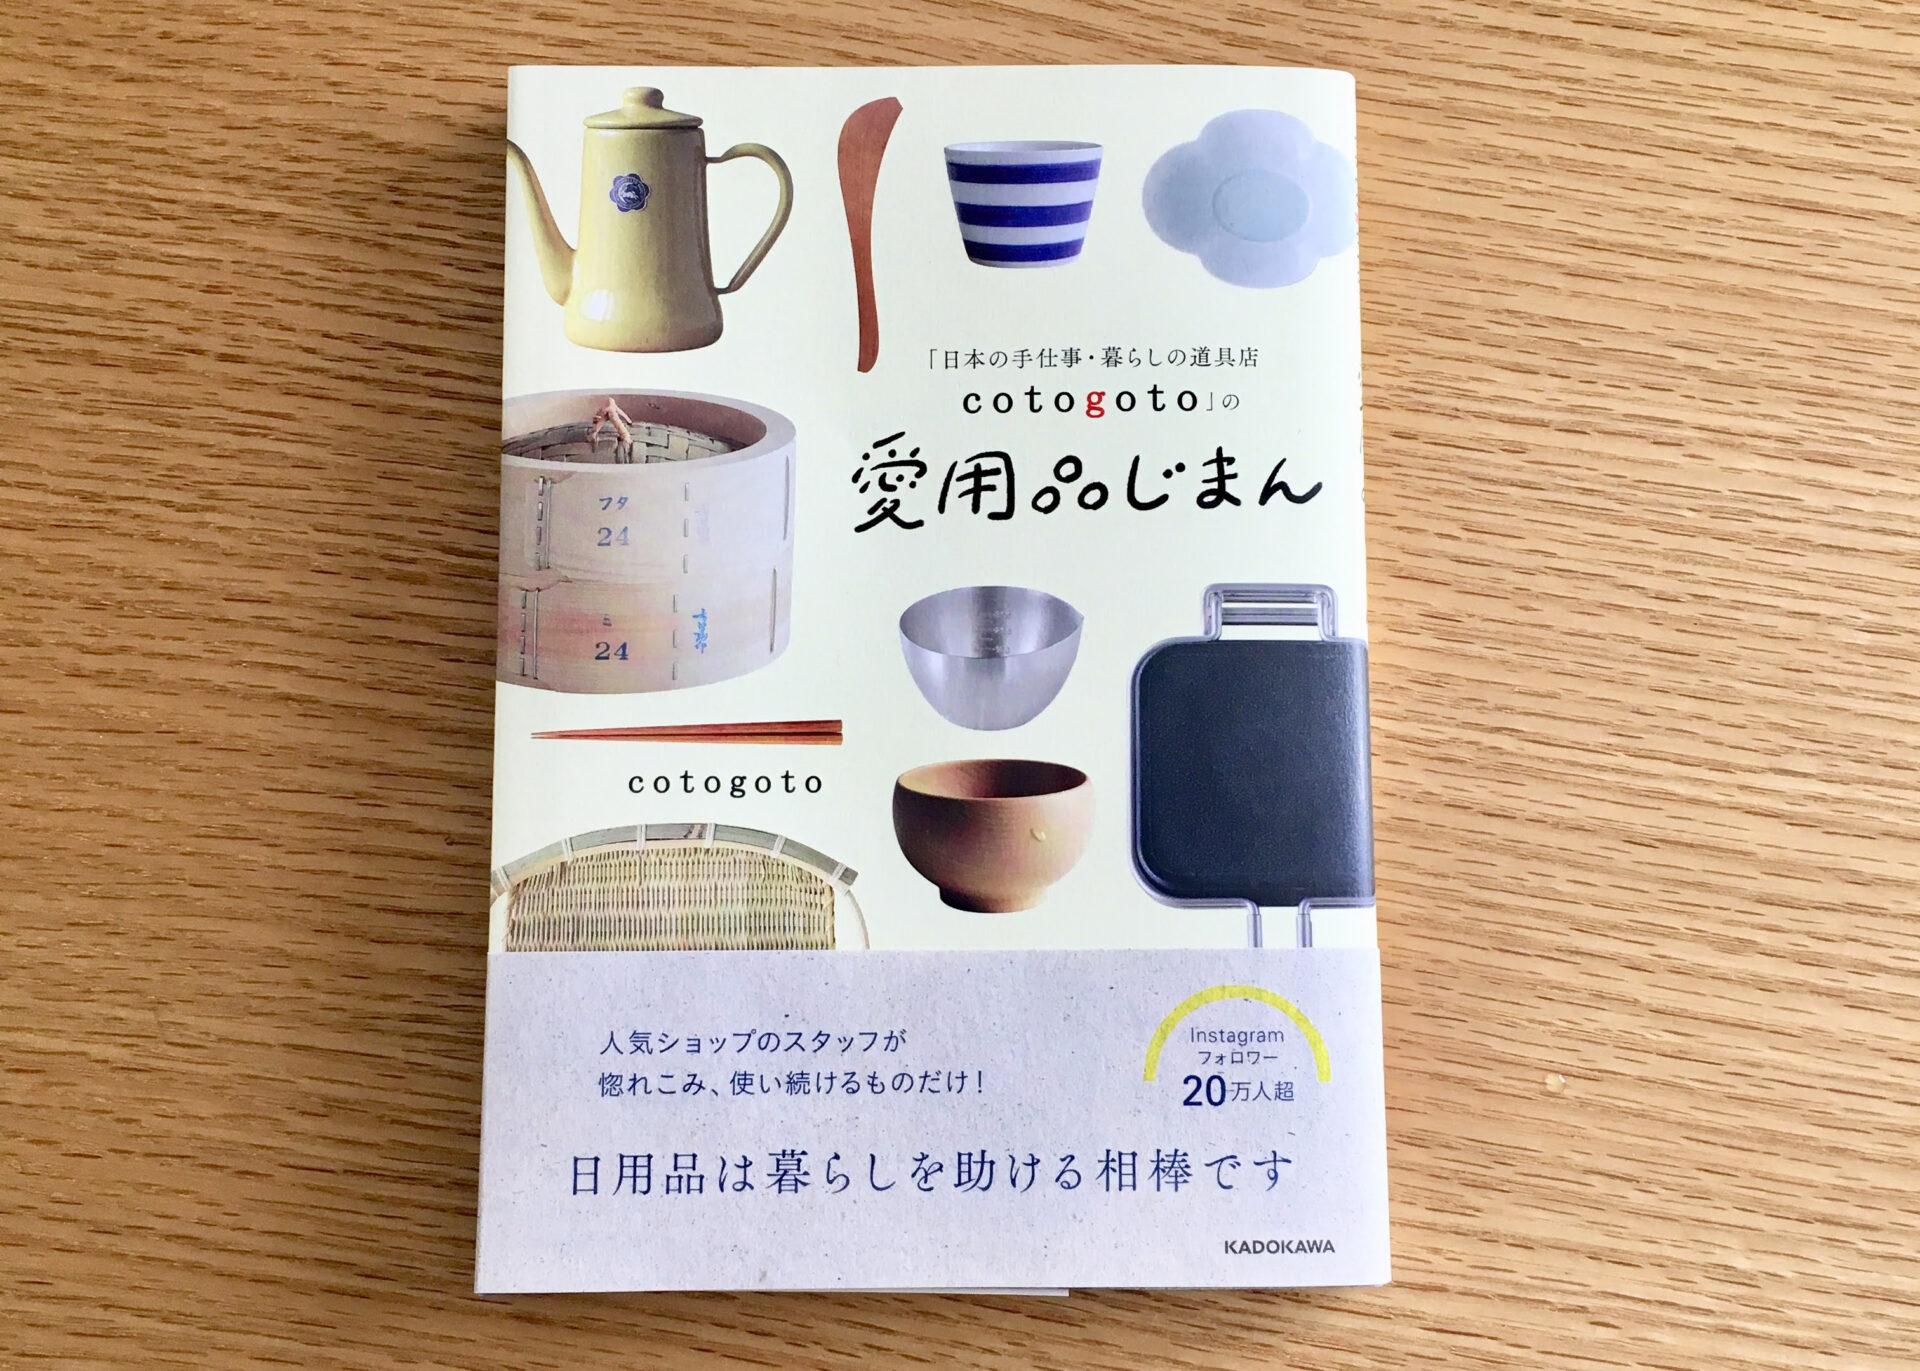 「日本の手仕事・暮らしの道具店cotogoto」の愛用品じまん